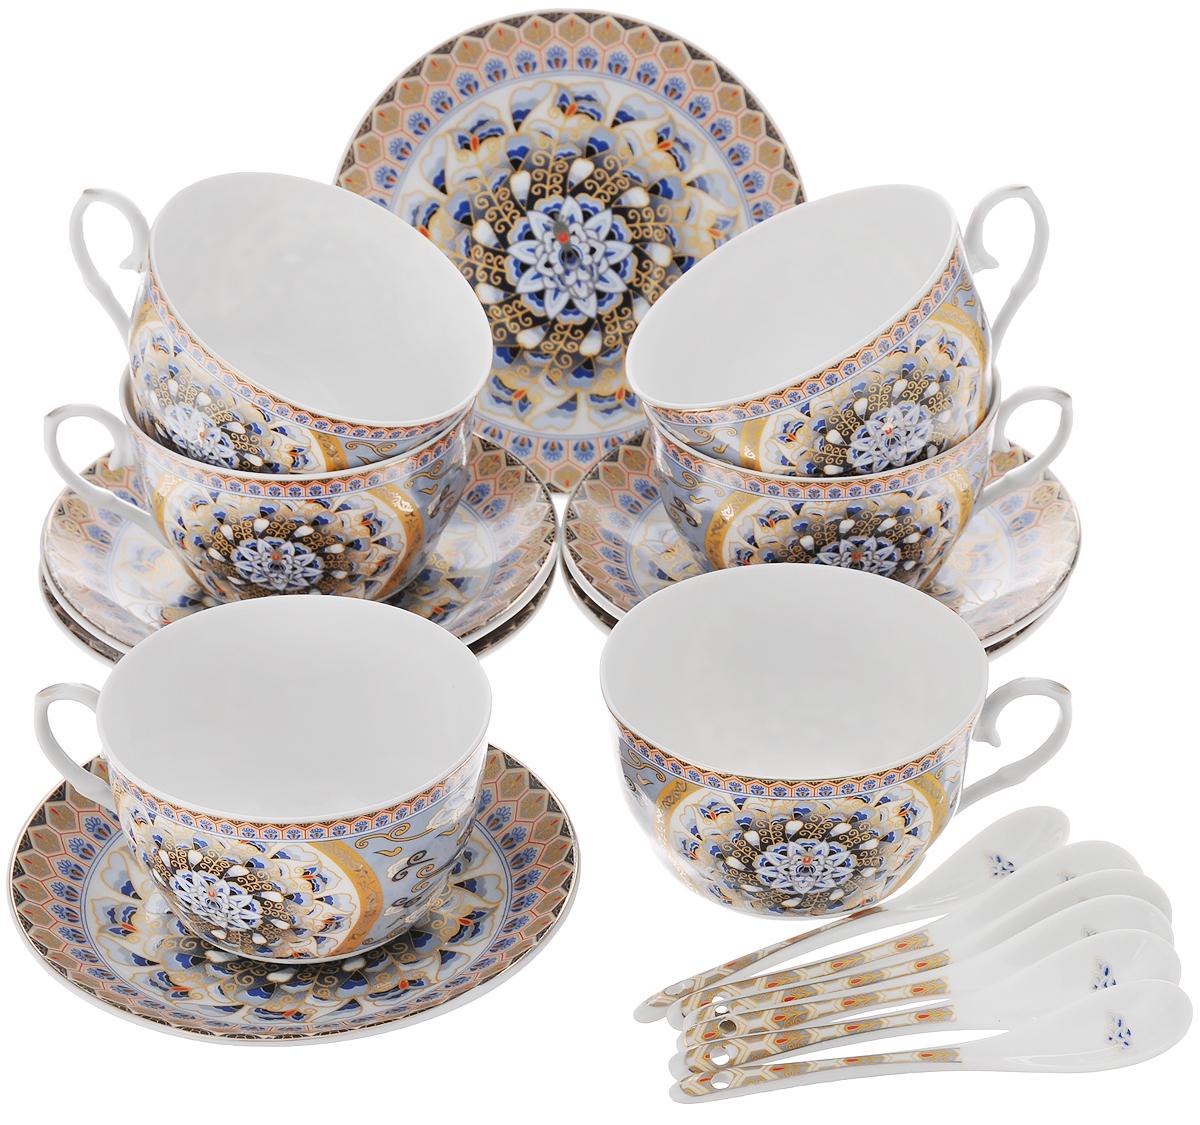 Набор чайный Elan Gallery Калейдоскоп, с ложками, 18 предметов730485Чайный набор Elan Gallery Калейдоскоп состоит из 6 чашек, 6 блюдец и 6 ложечек,изготовленных из высококачественной керамики. Предметы набора декорированы изысканным узором.Чайный набор Elan Gallery Калейдоскоп украсит ваш кухонный стол, а такжестанет замечательным подарком друзьям и близким.Изделие упаковано в подарочную коробку с атласной подложкой. Не рекомендуется применять абразивные моющие средства. Не использовать в микроволновой печи.Объем чашки: 250 мл.Диаметр чашки по верхнему краю: 9,5 см.Высота чашки: 6 см.Диаметр блюдца: 14 см.Длина ложки: 12,5 см.